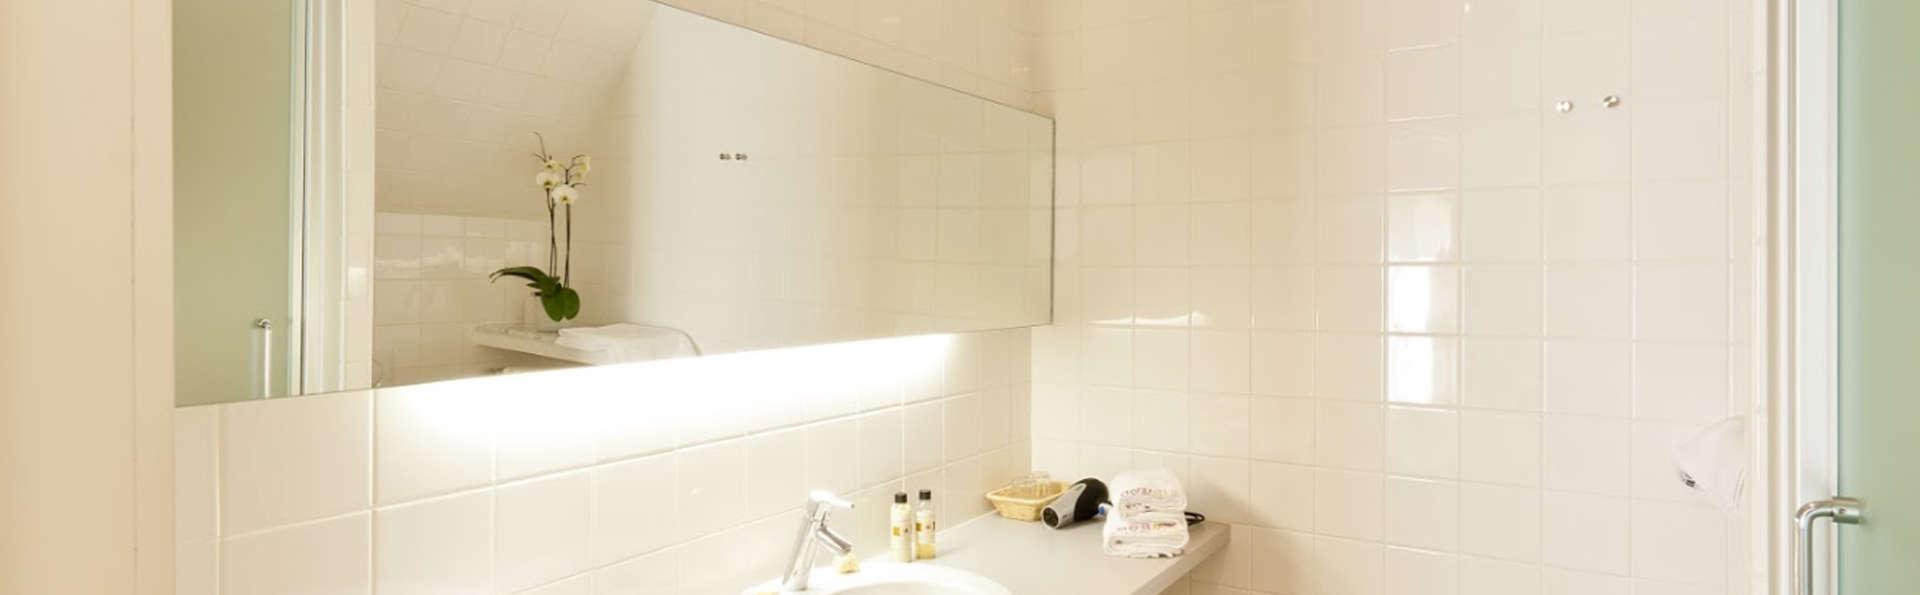 B&B Vis-à-Vis - Edit_Bathroom3.jpg